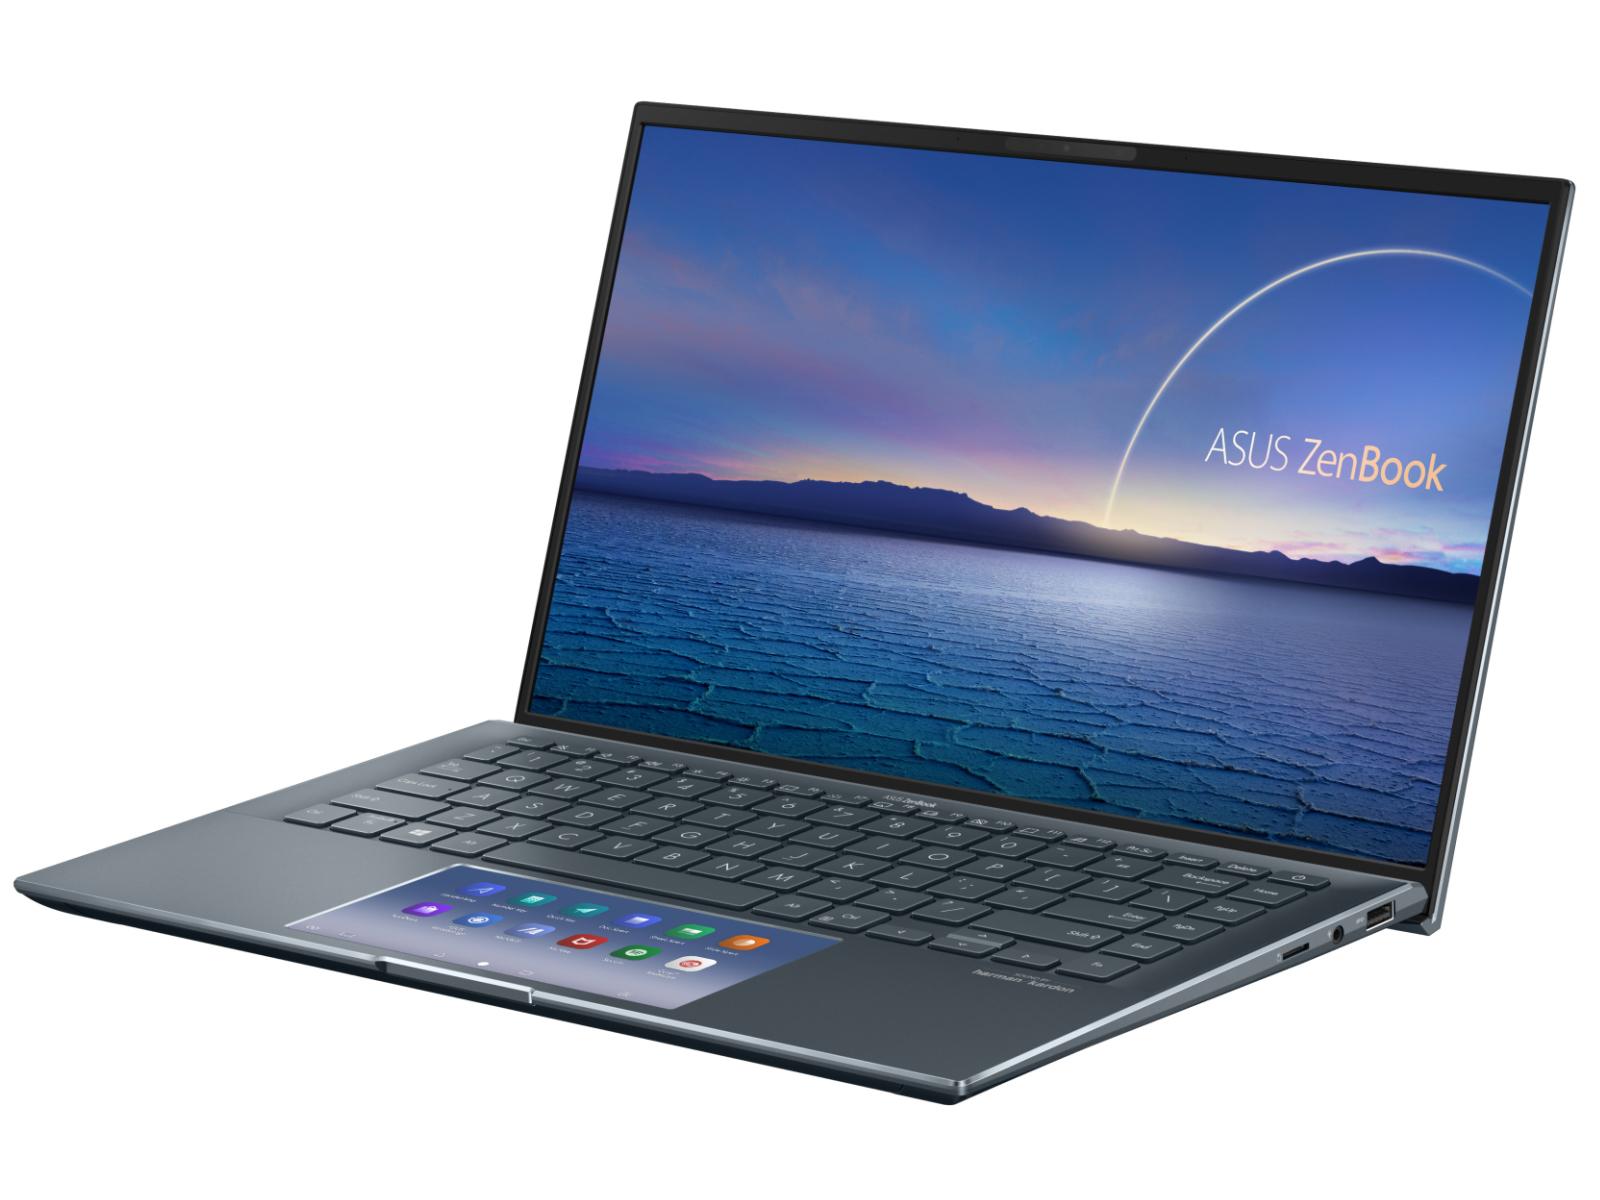 Asus Zenbook 14 UX435EG - Notebookcheck.net External Reviews